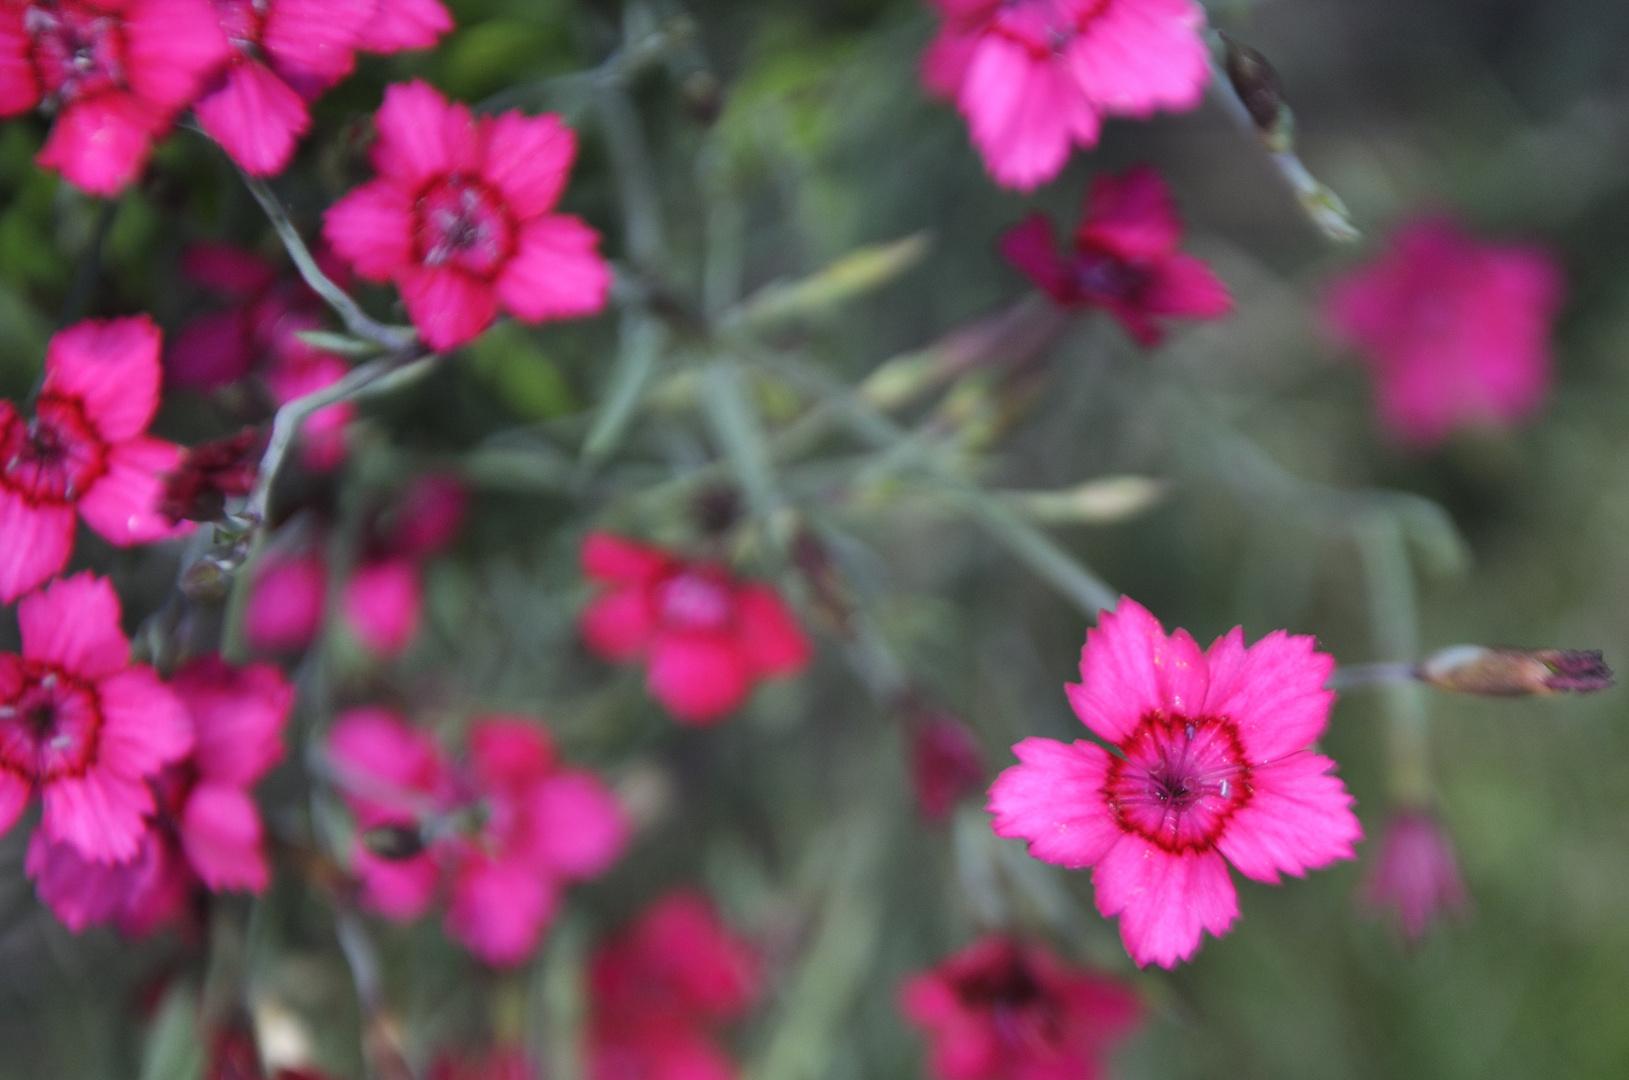 Die Bezaubernde Welt der Blüten